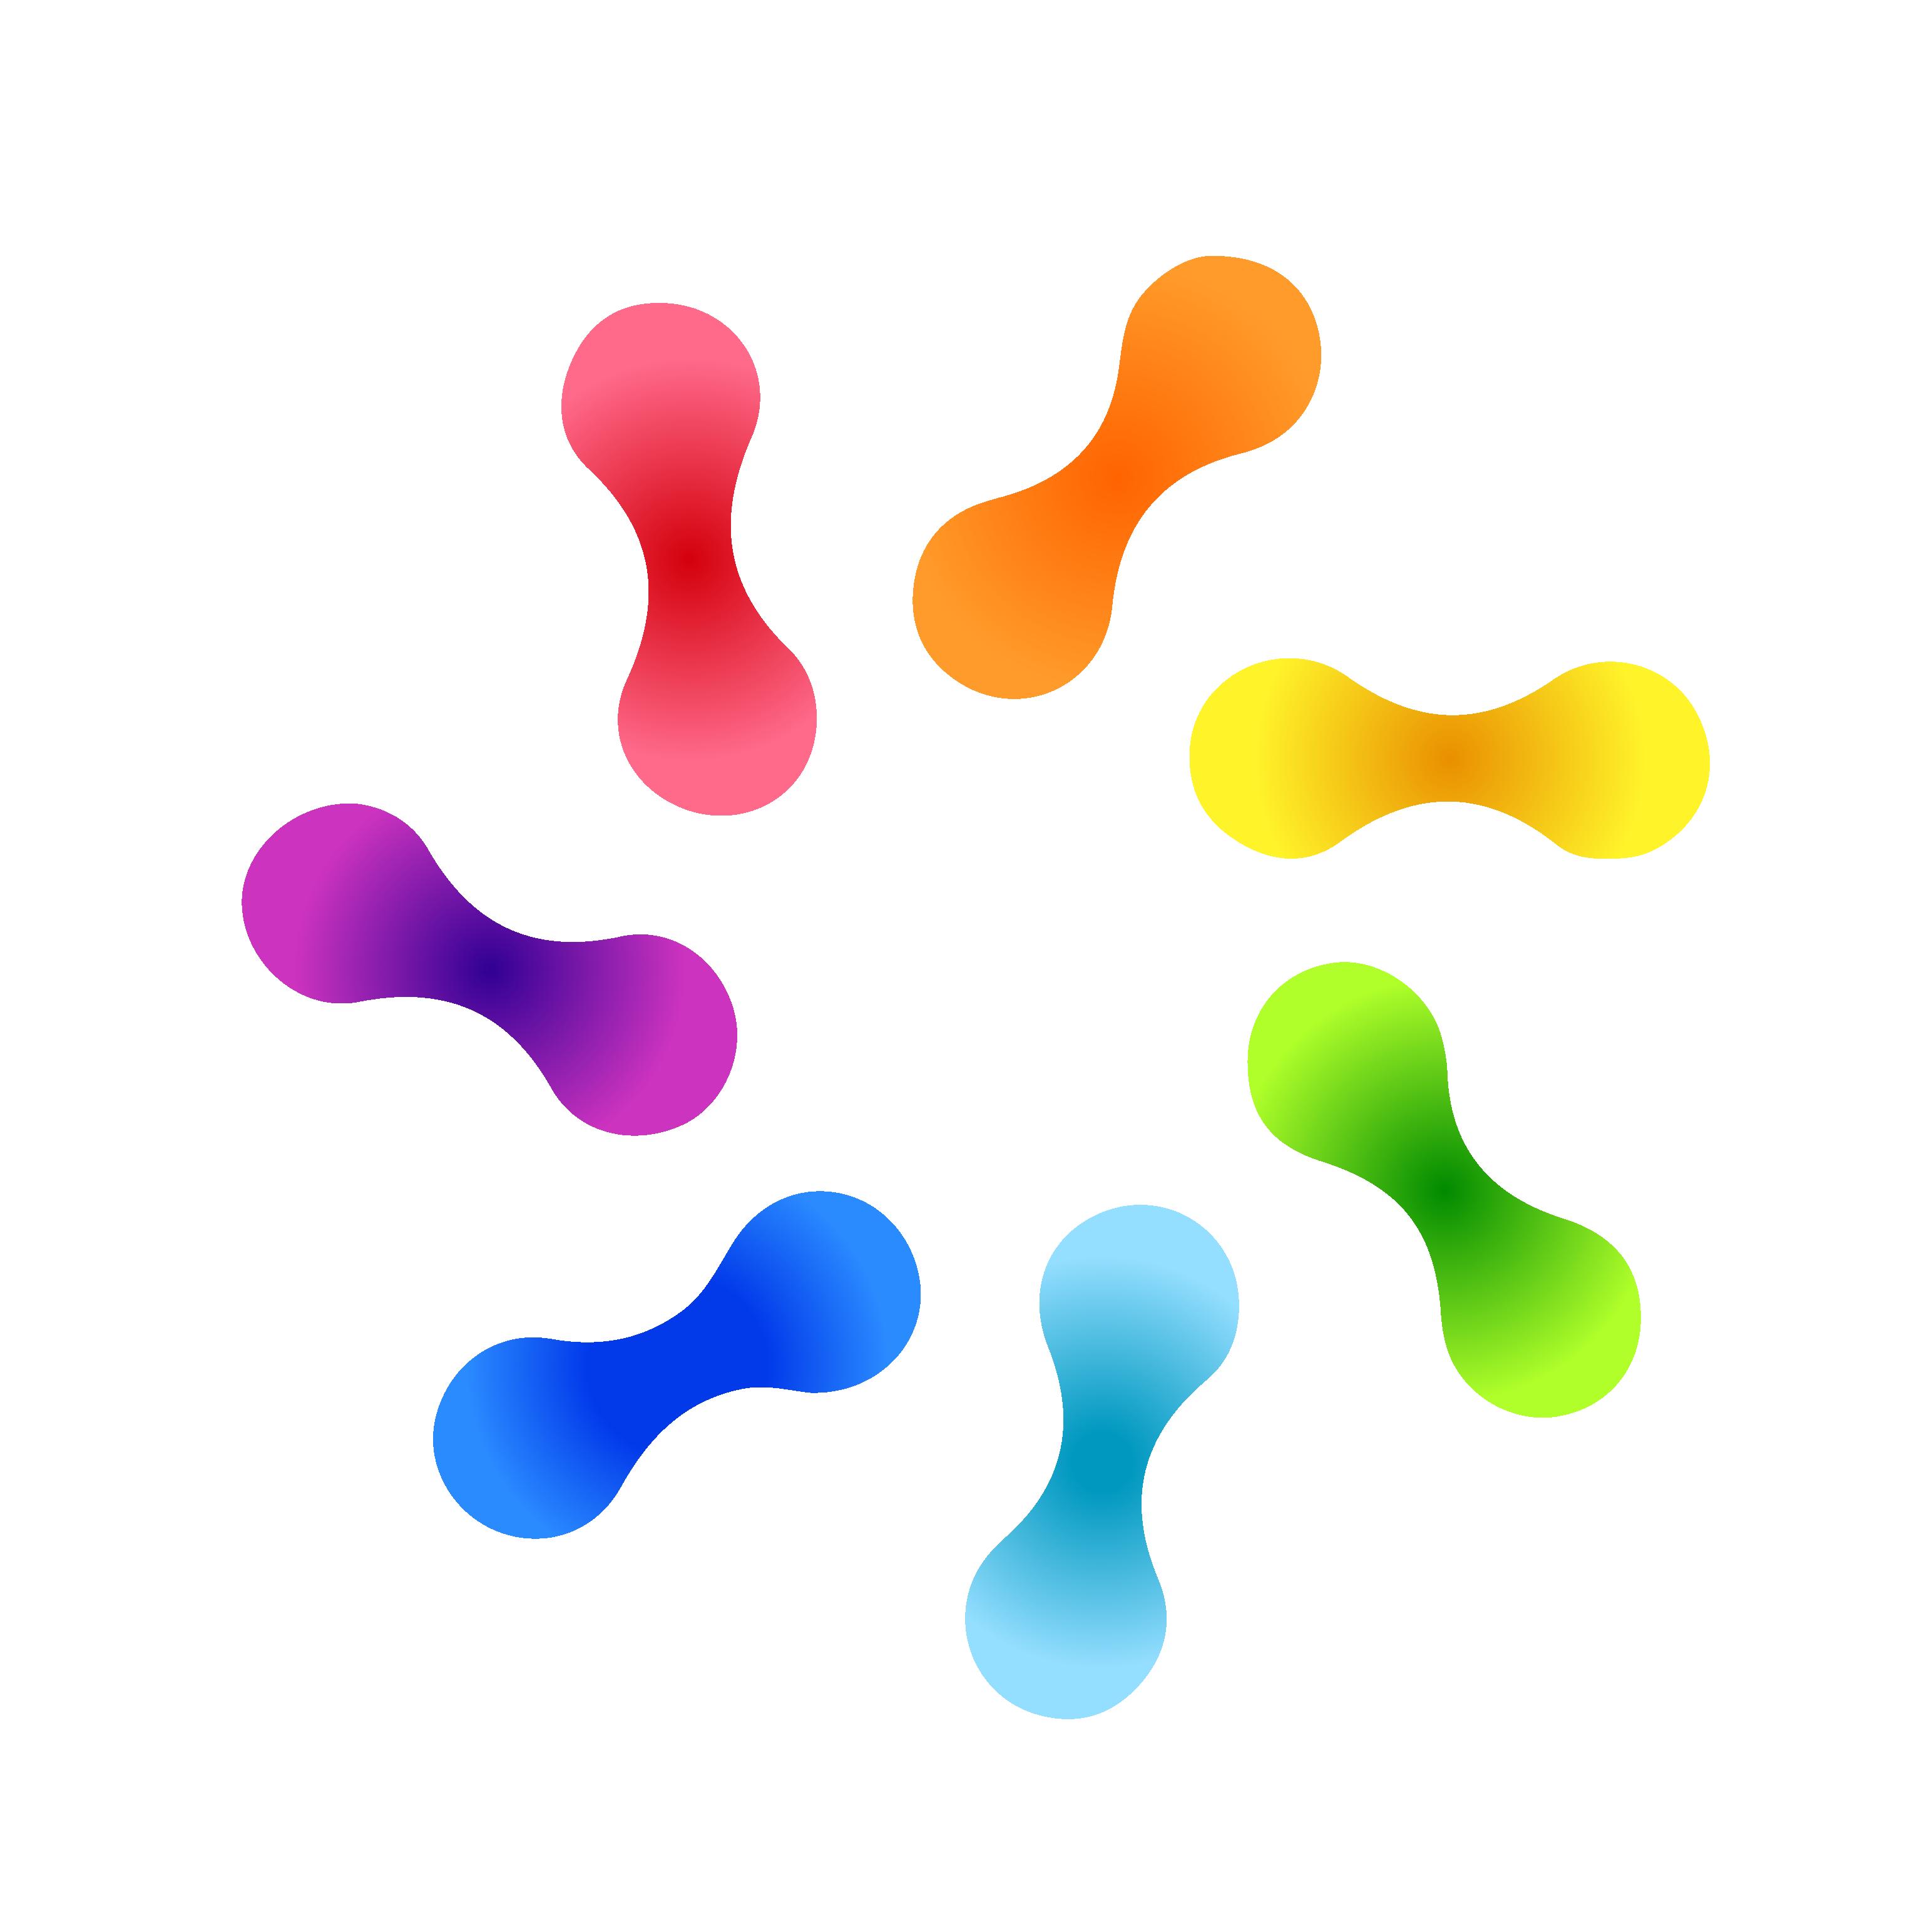 gohere main logo